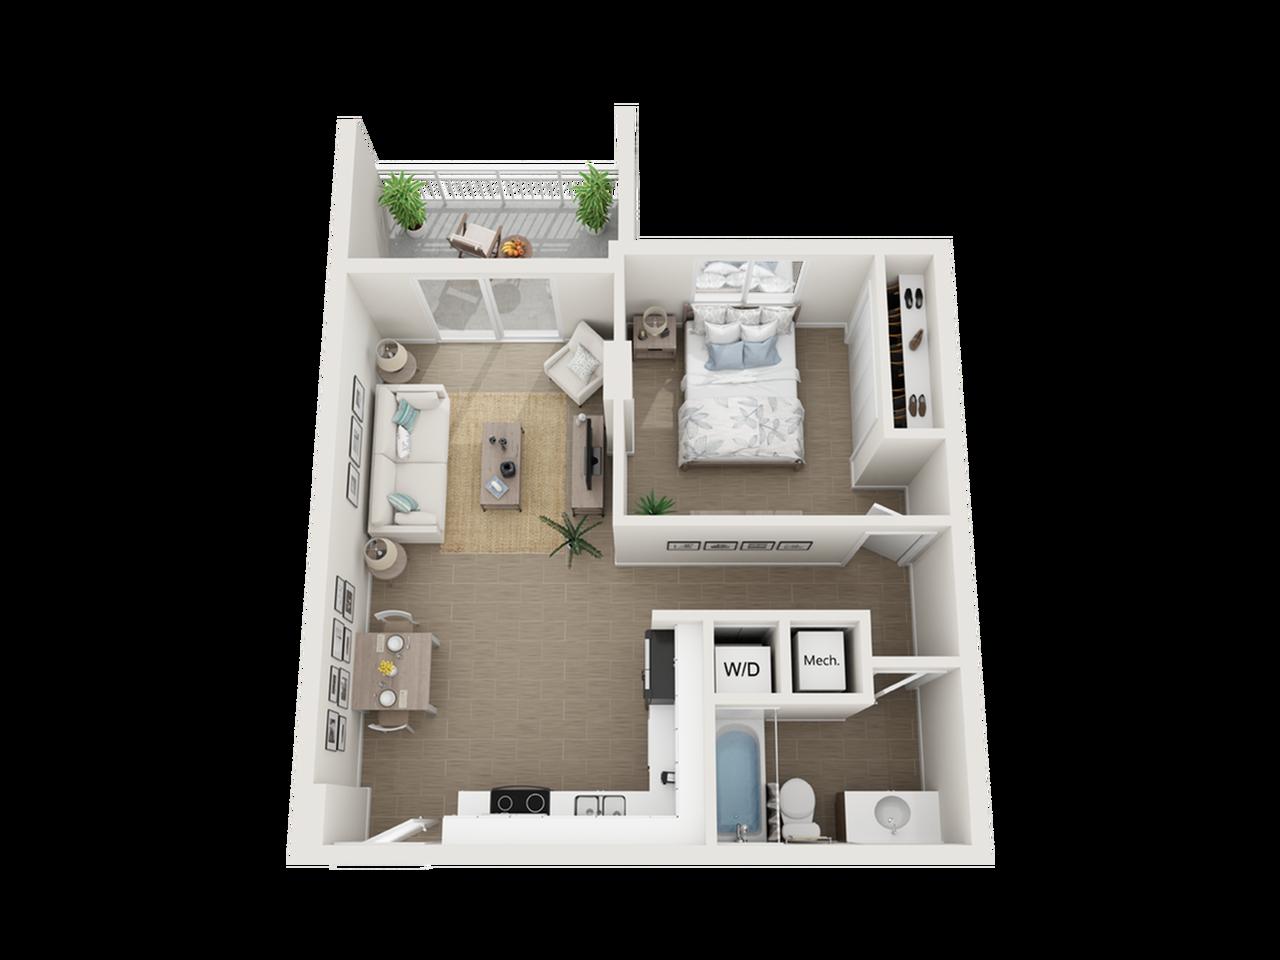 Atlin one bedroom one bathroom 3D floor plan